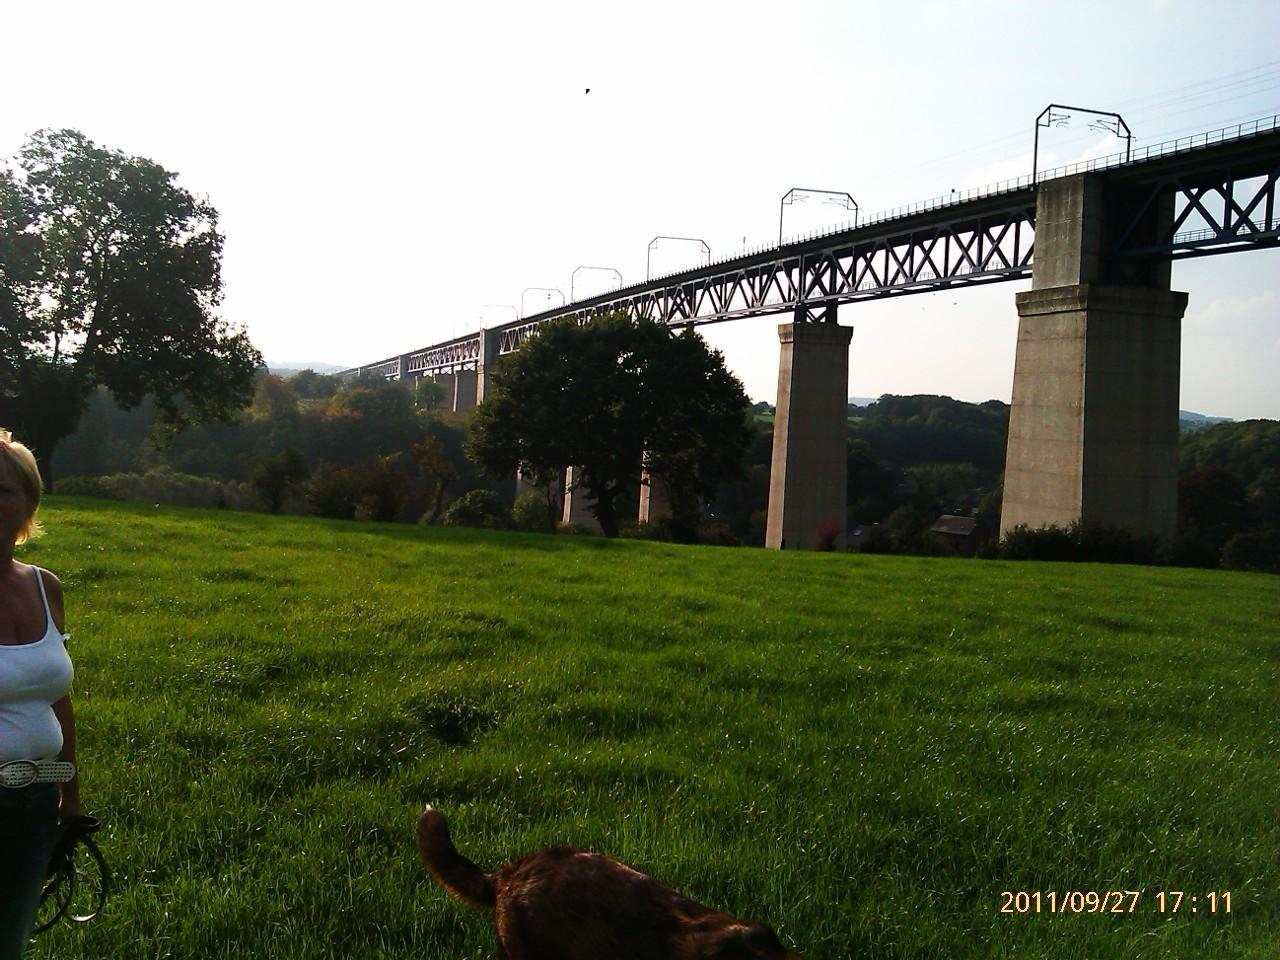 Berühmte Eisenbahnbrücke in Welkenrath